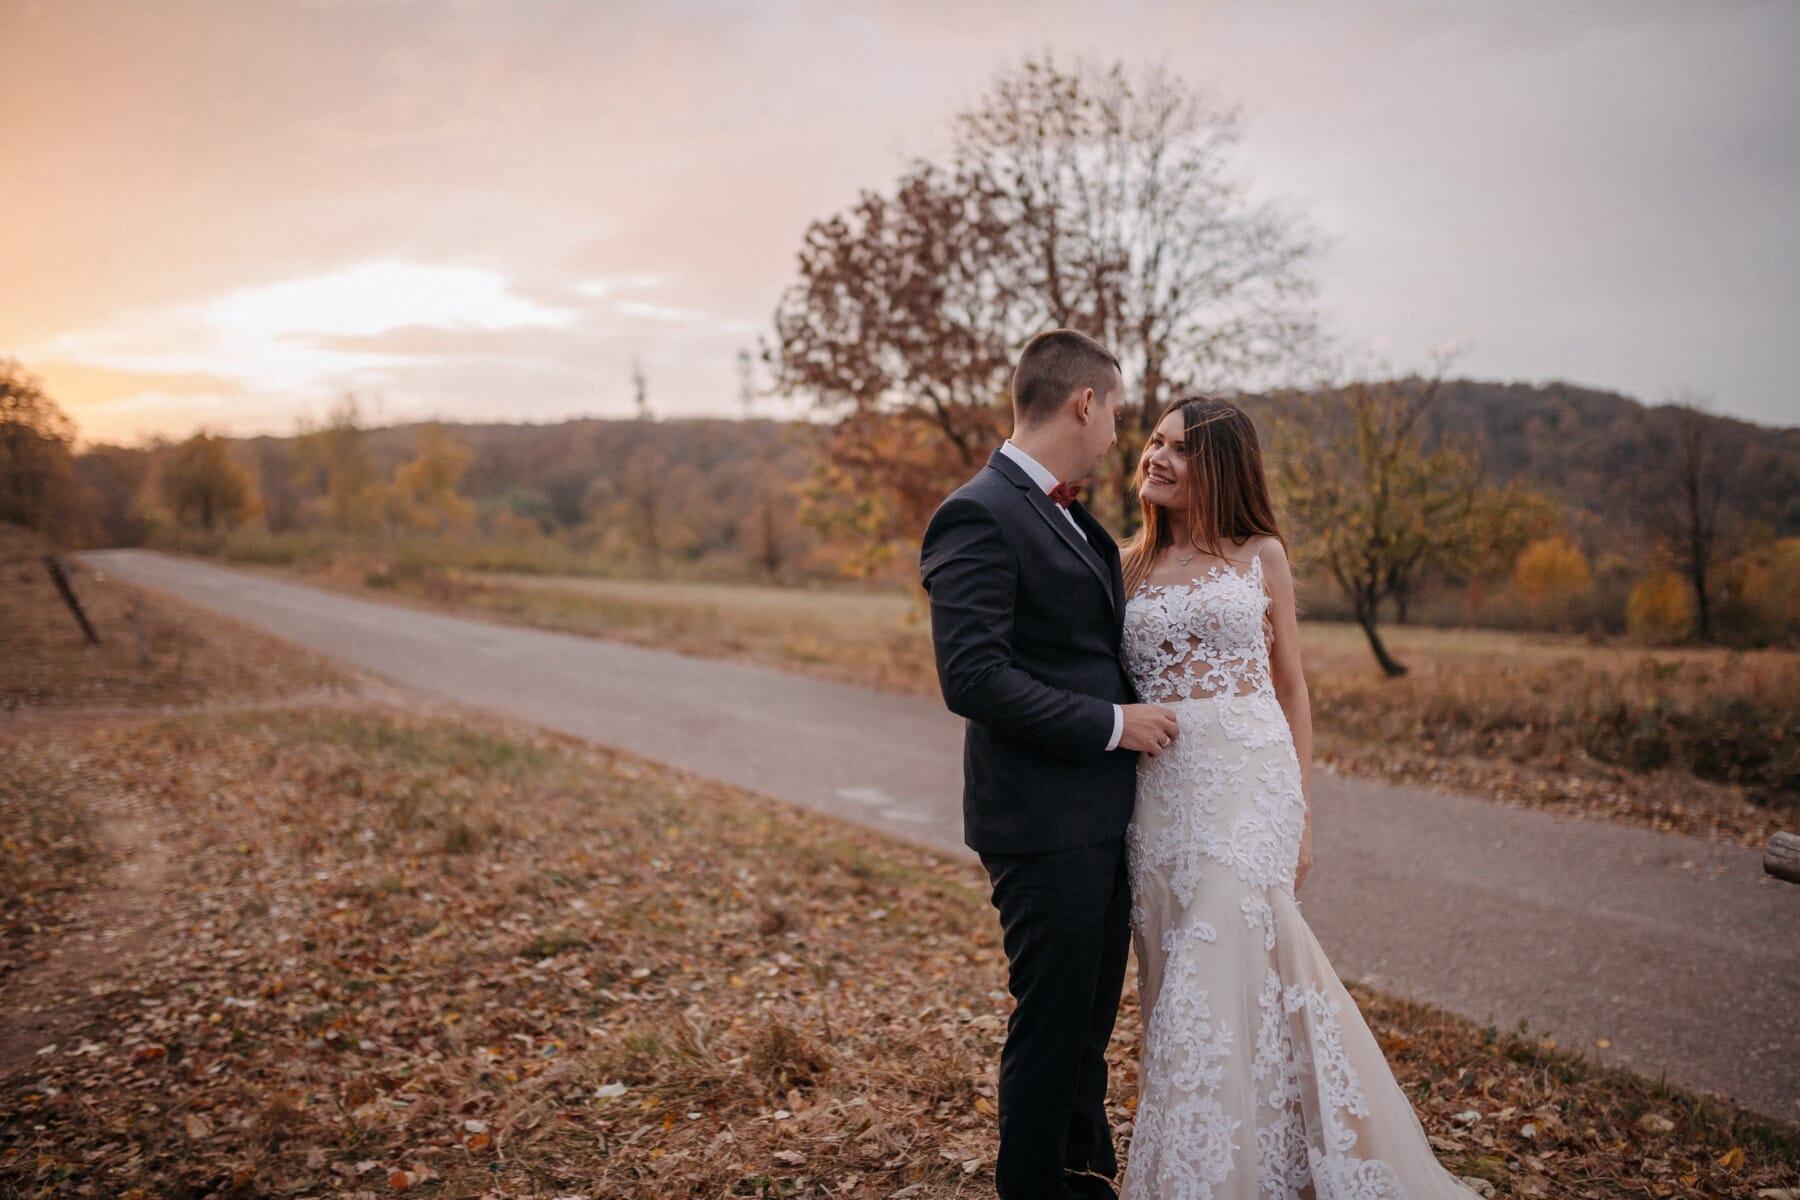 залез, път, младоженци, булката, младоженец, есенния сезон, крайградски, сватба, двойка, Любов